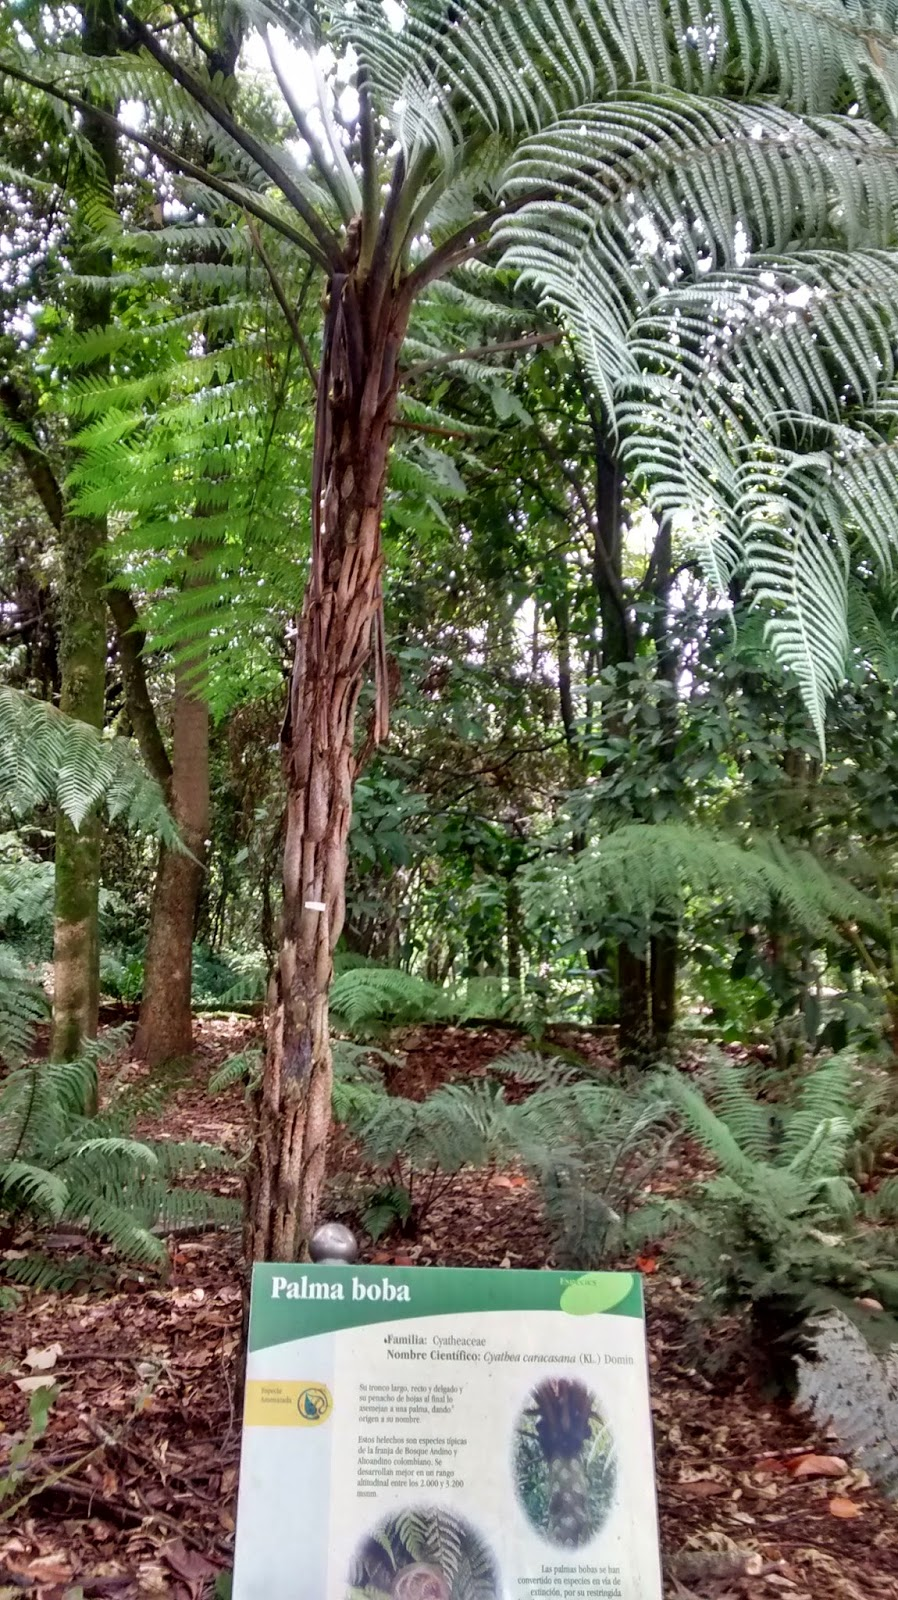 Jard n bot nico jos celestino mutis plantas vistas en el for Plantas de un jardin botanico